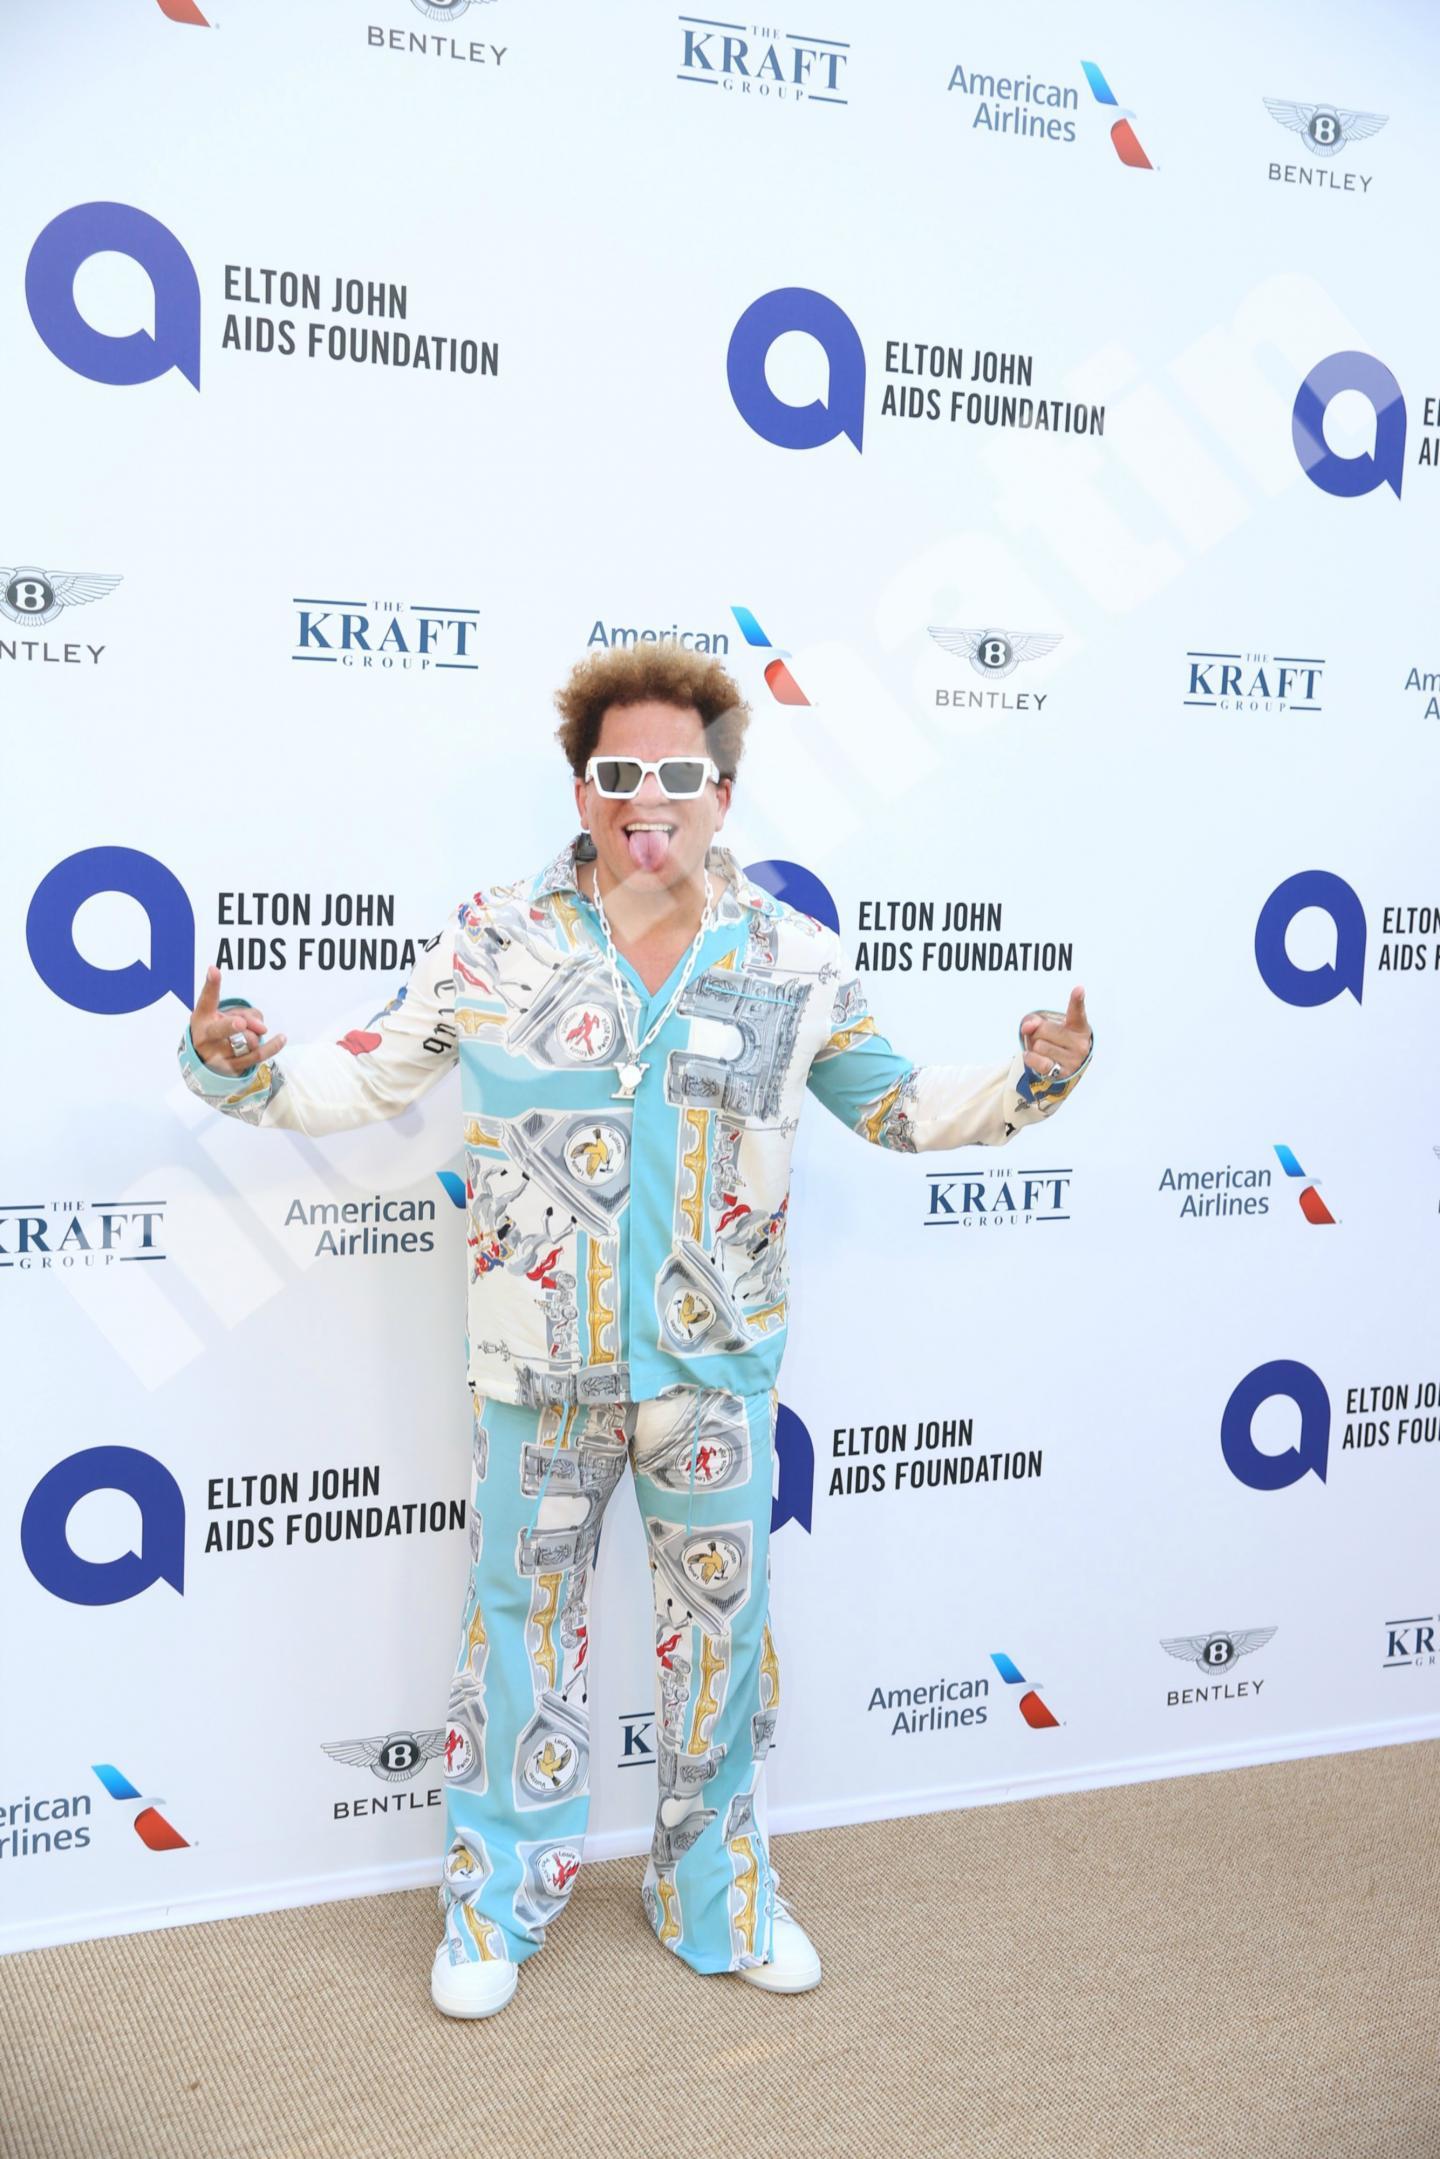 L'artiste Romero Britto, super populaire au Royaume-Uni. Il avait déjà signé une édition de 70 exemplaires pour les 70 ans d'Elton John, au profit de sa fondation.